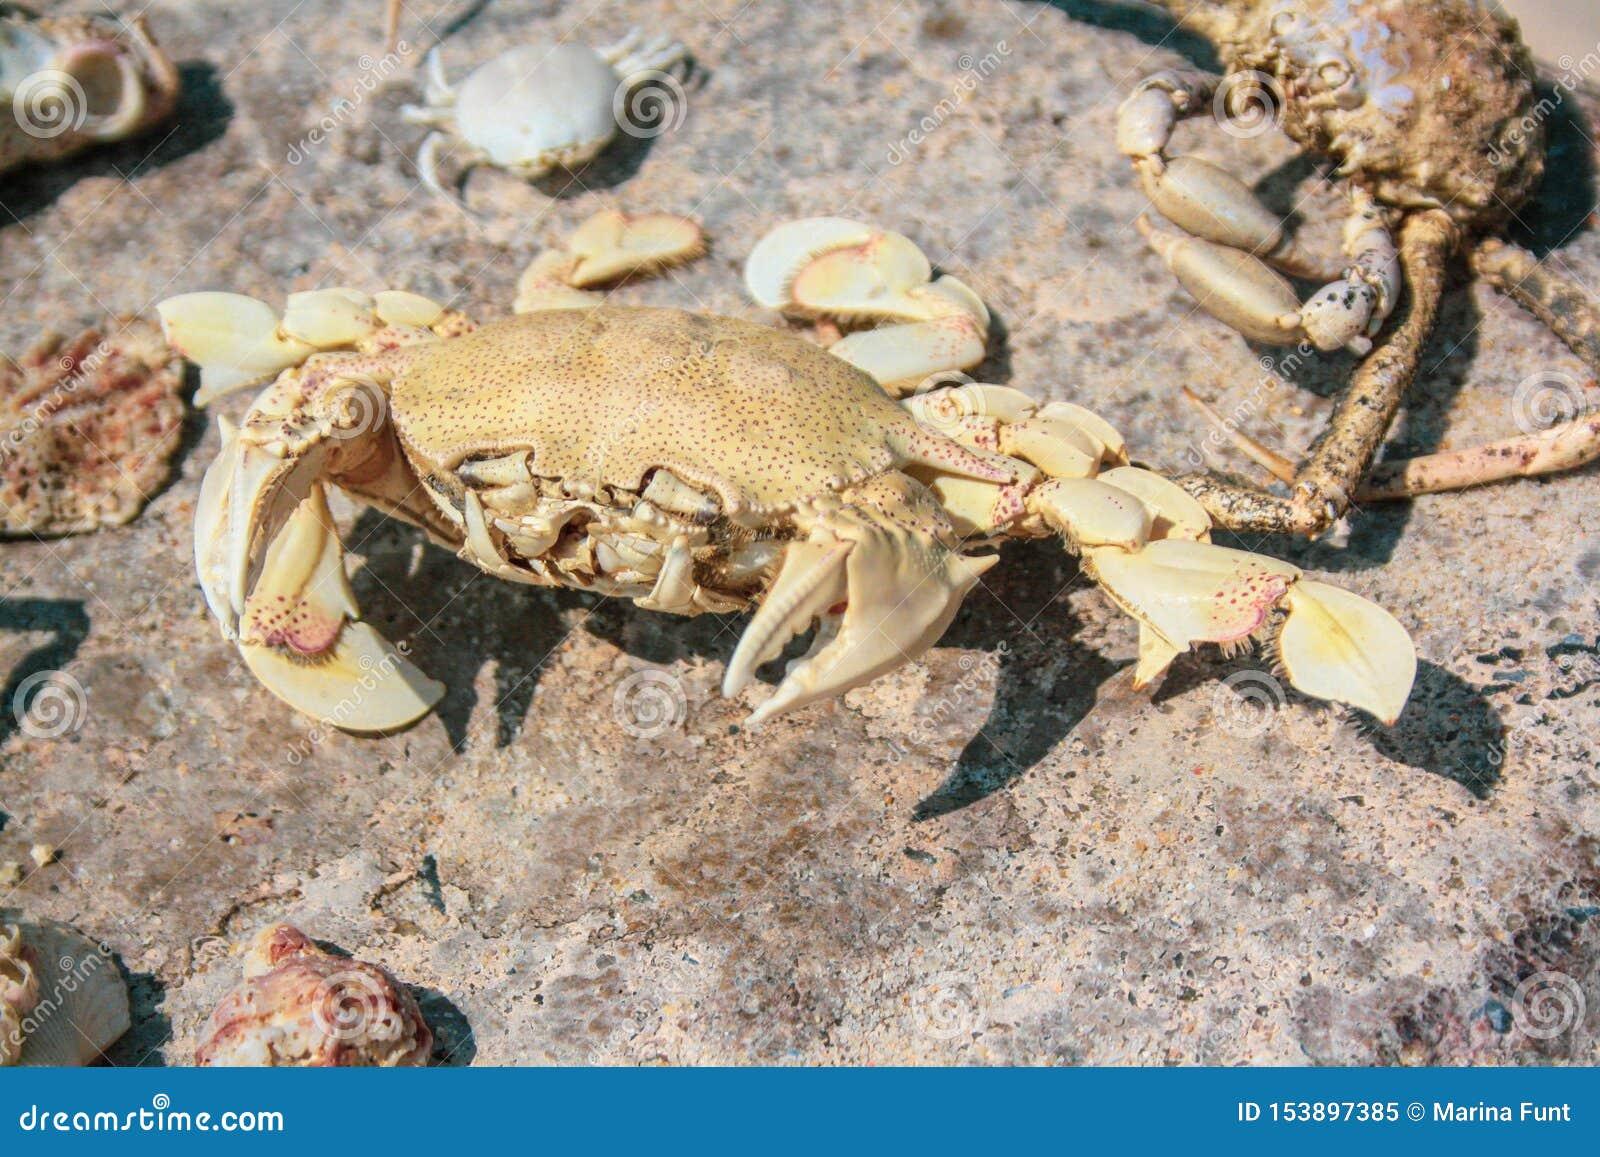 Les grands squelettes du crabe et les coquilles se trouvent sur une grande pierre